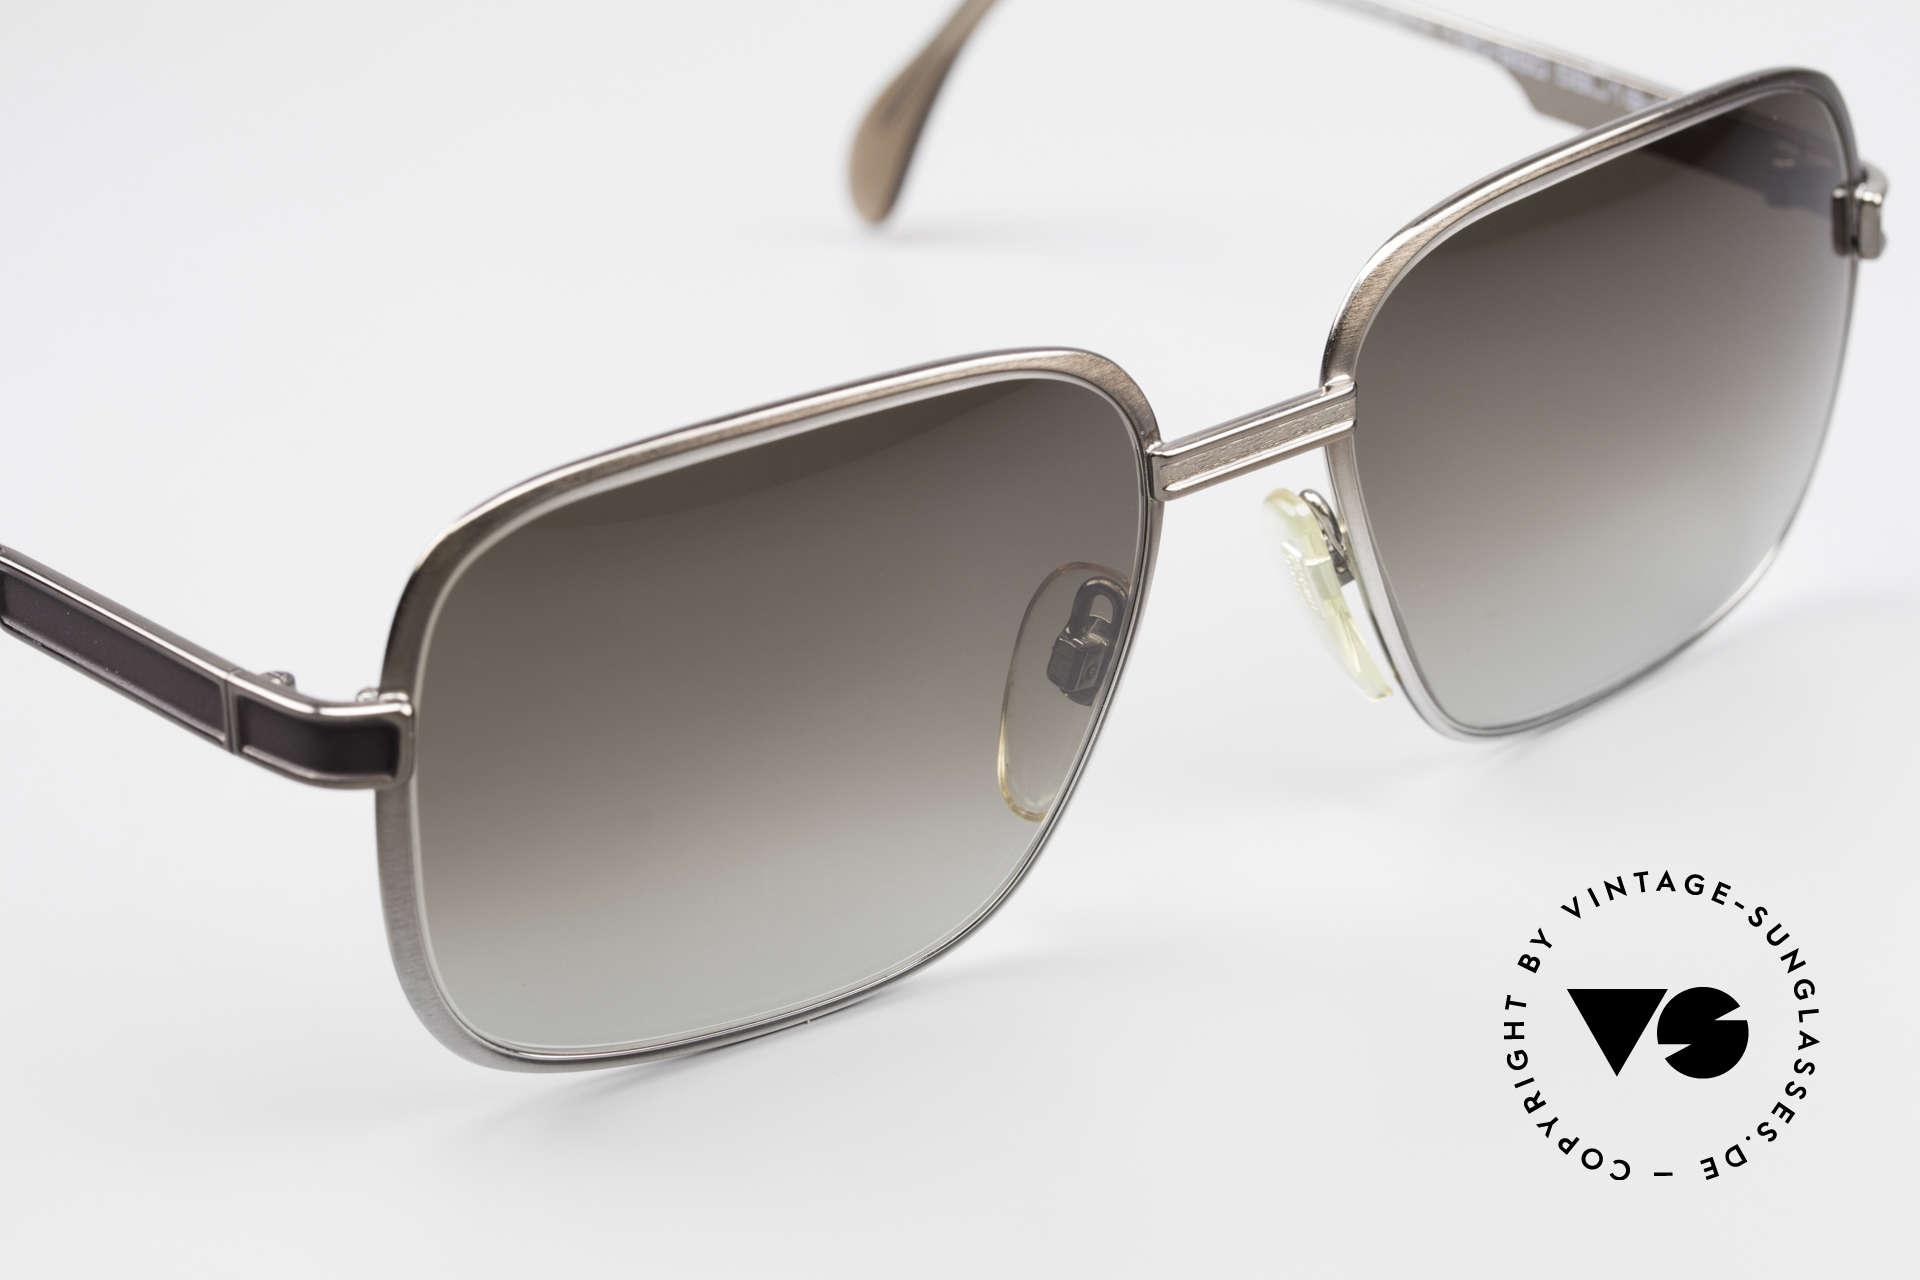 Neostyle Society 190 1980er Haute Couture Brille, KEINE Retrobrille, sondern ein altes 80er Original, Passend für Herren